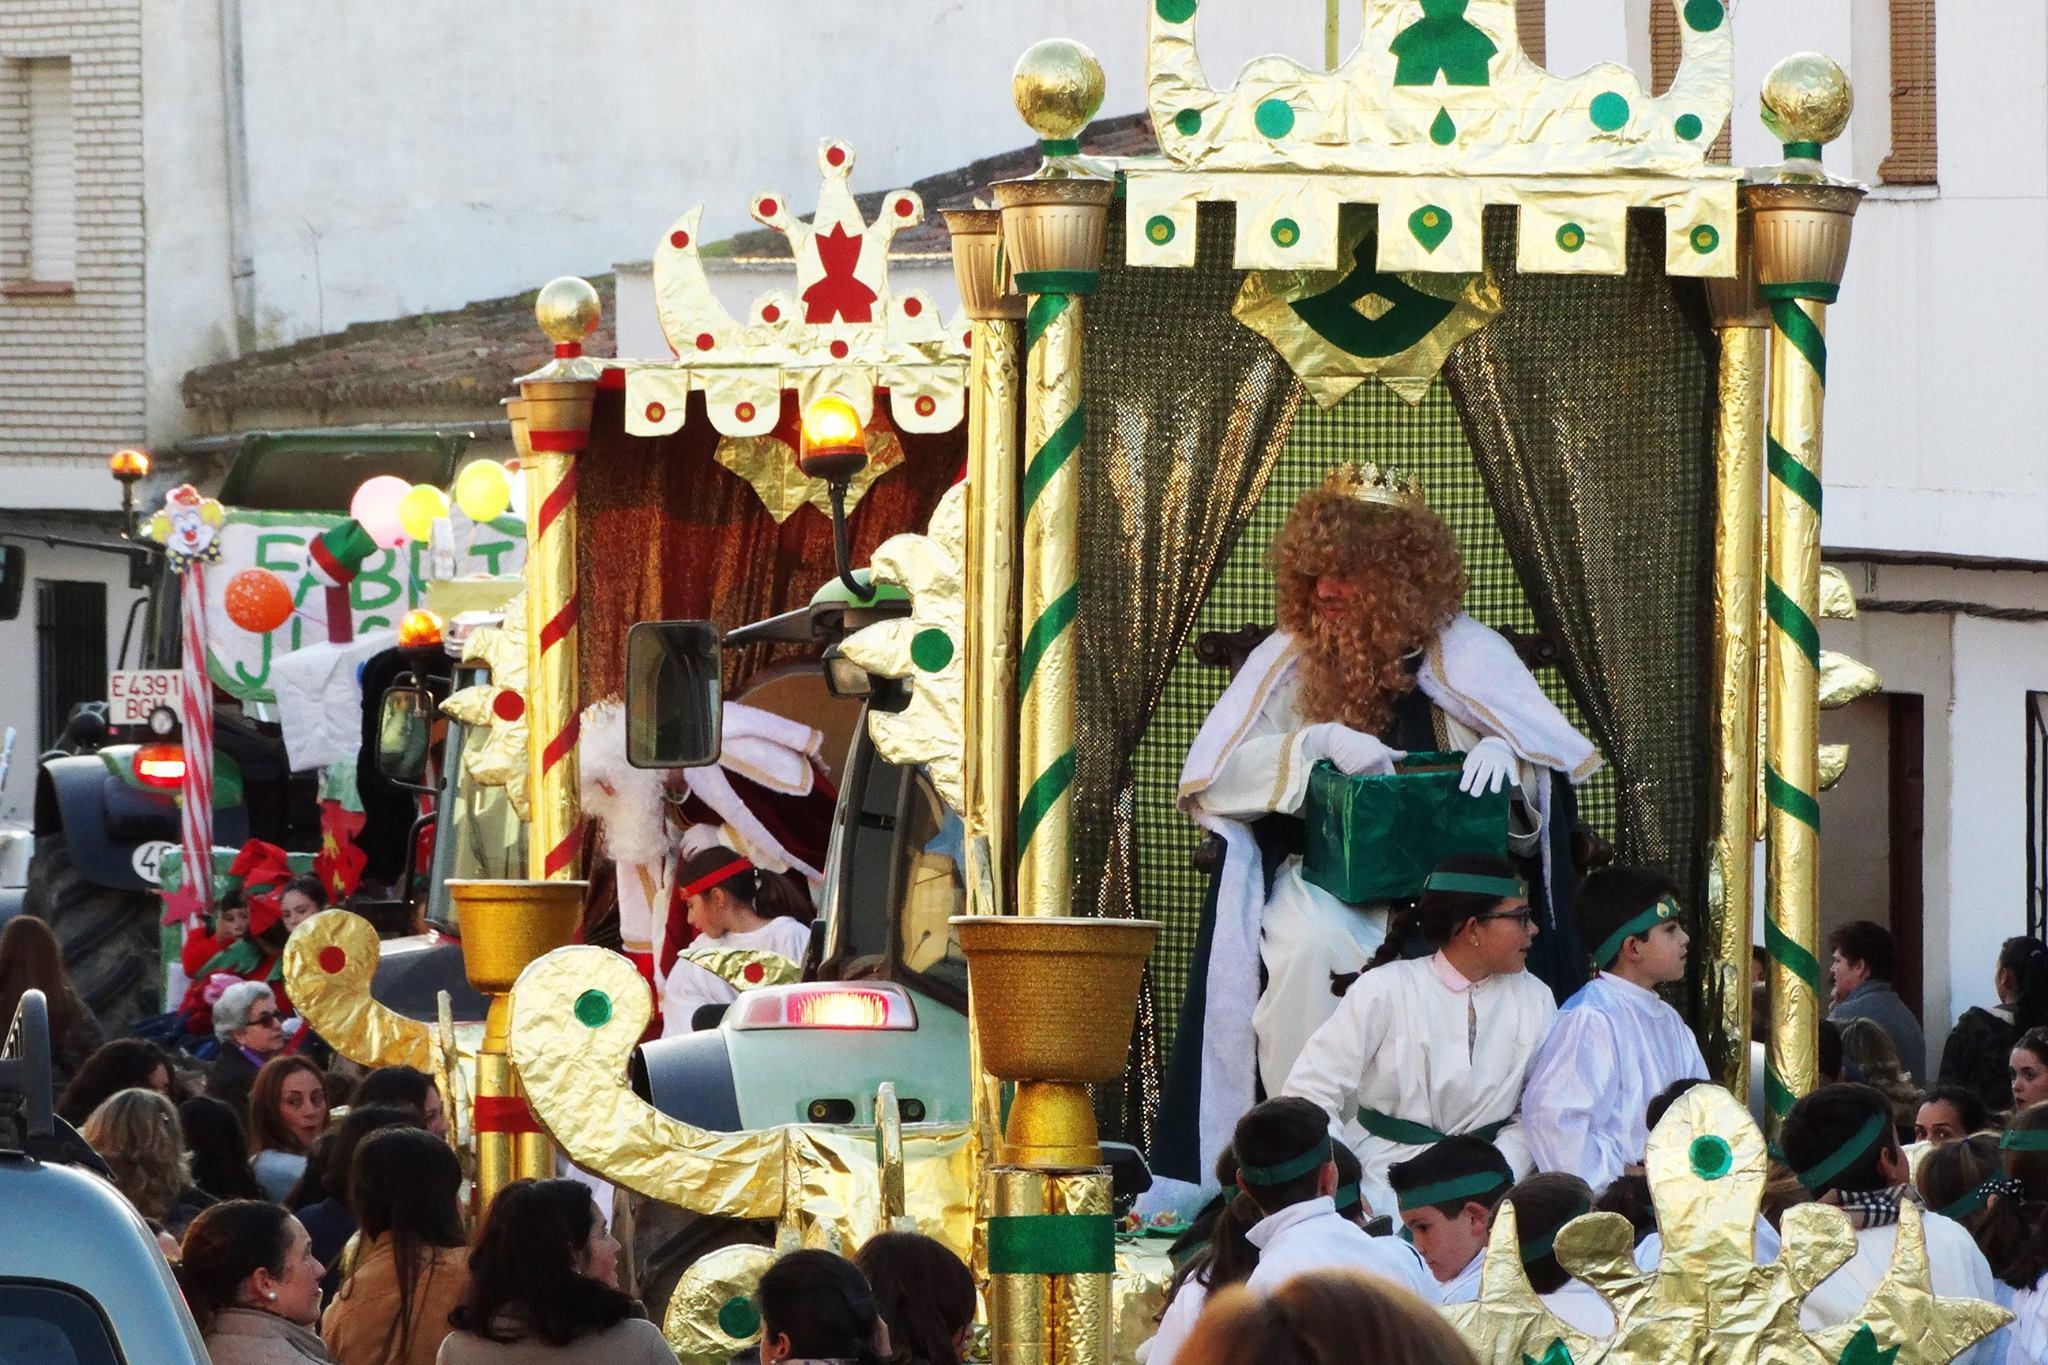 Carrozas De Reyes Magos Fotos.Cuatro Carrozas Han Formado El Cortejo Real De La Cabalgata